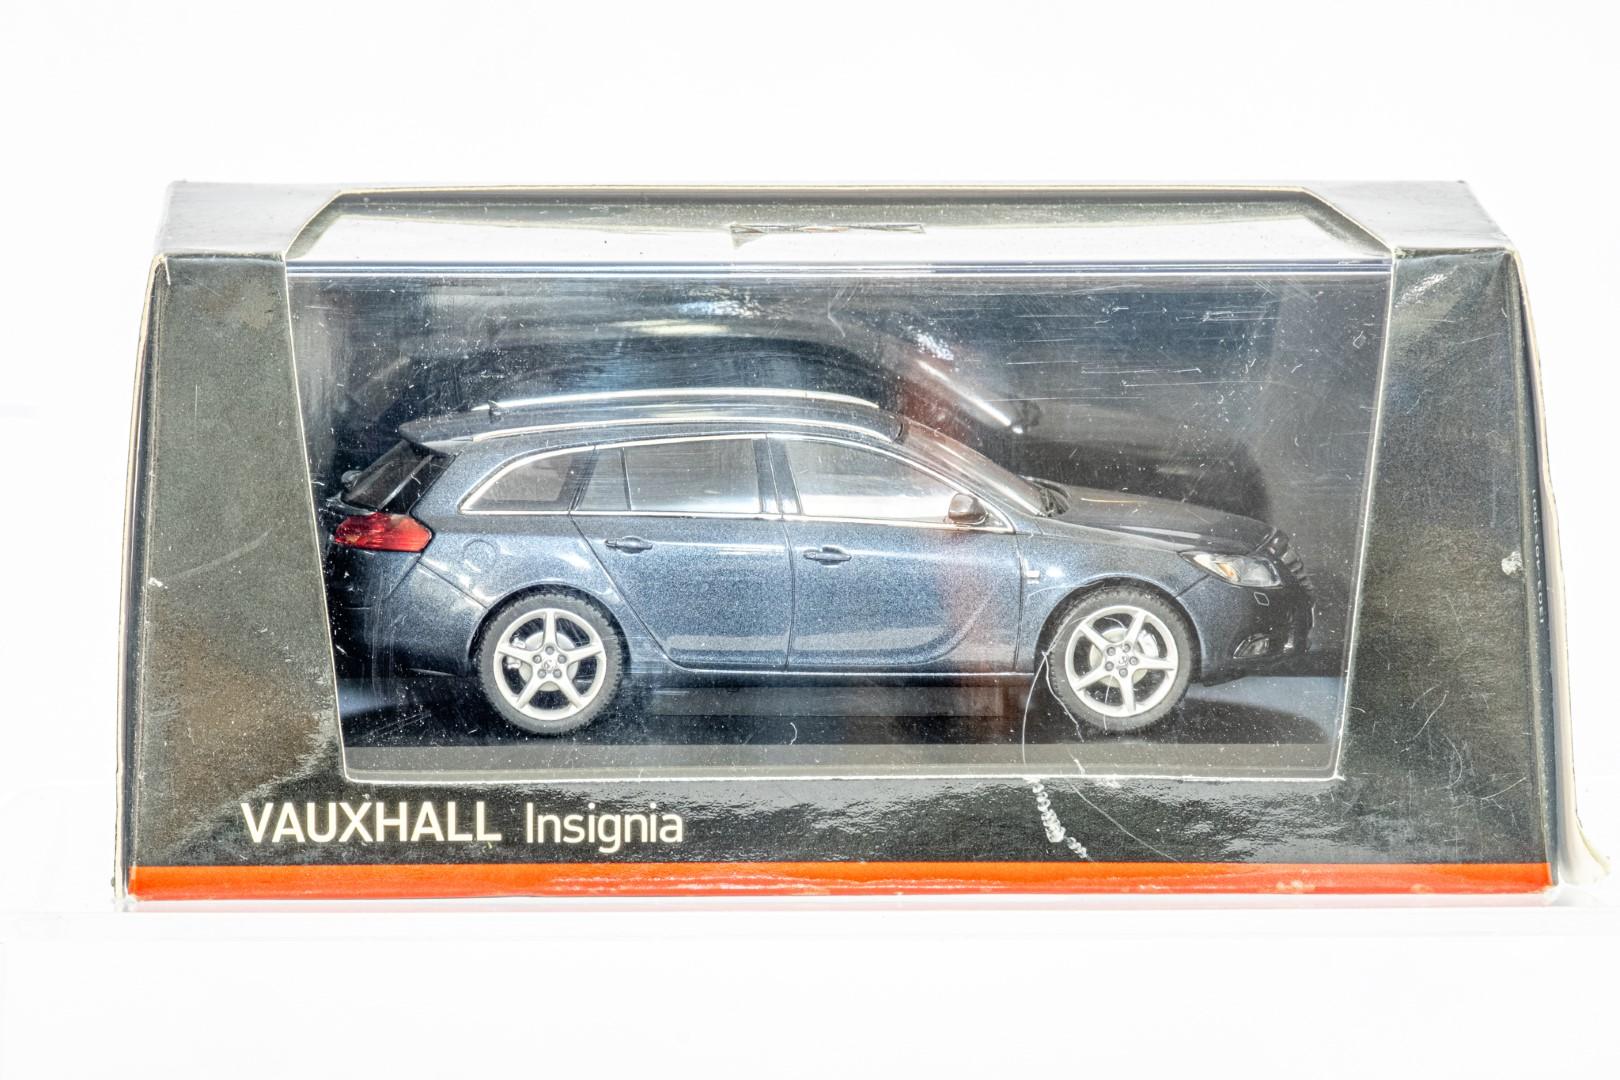 2 x Boxed Car Models - Vauxhall Zafira & Insignia - Image 2 of 7